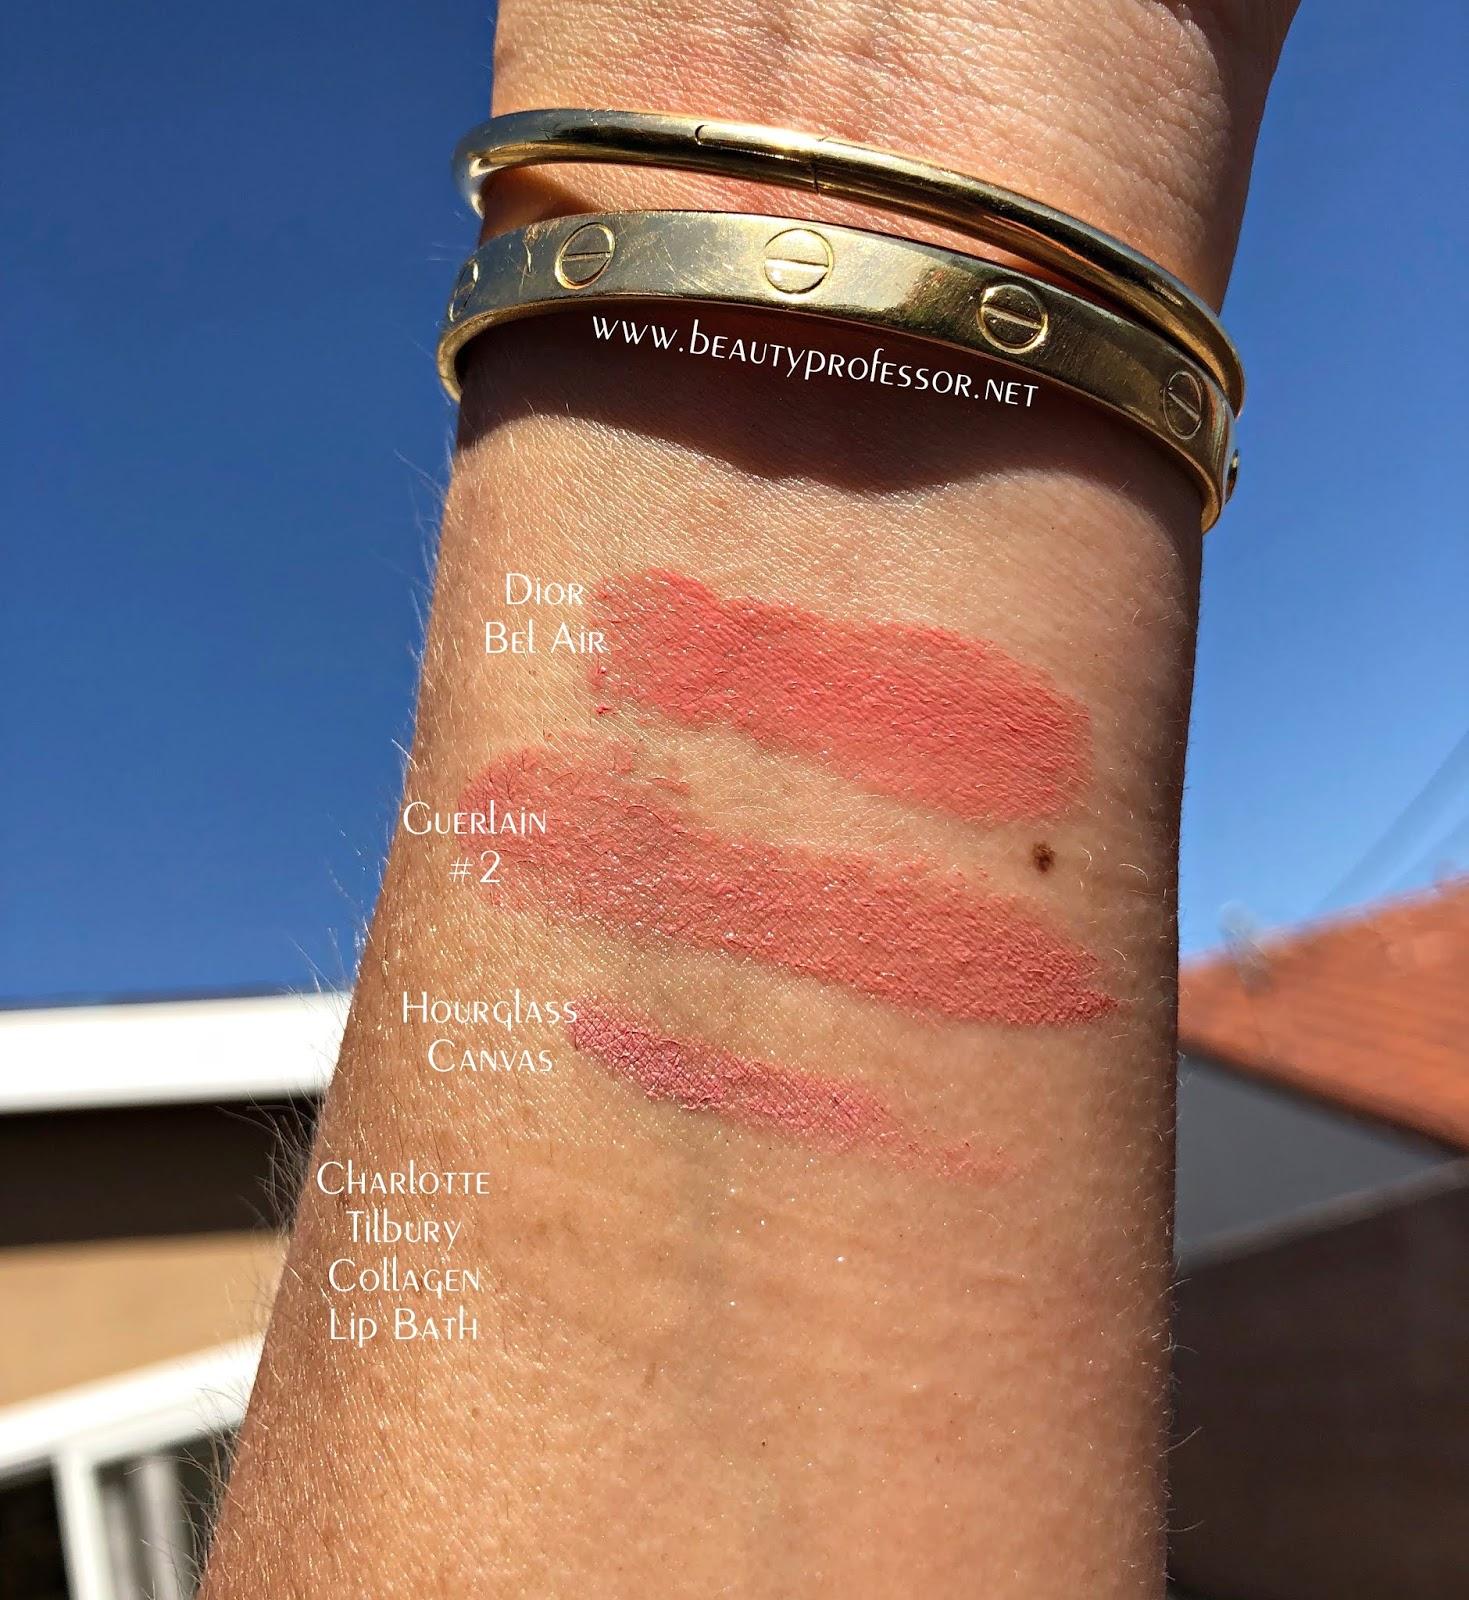 charlotte tilbury collagen lip bath swatch